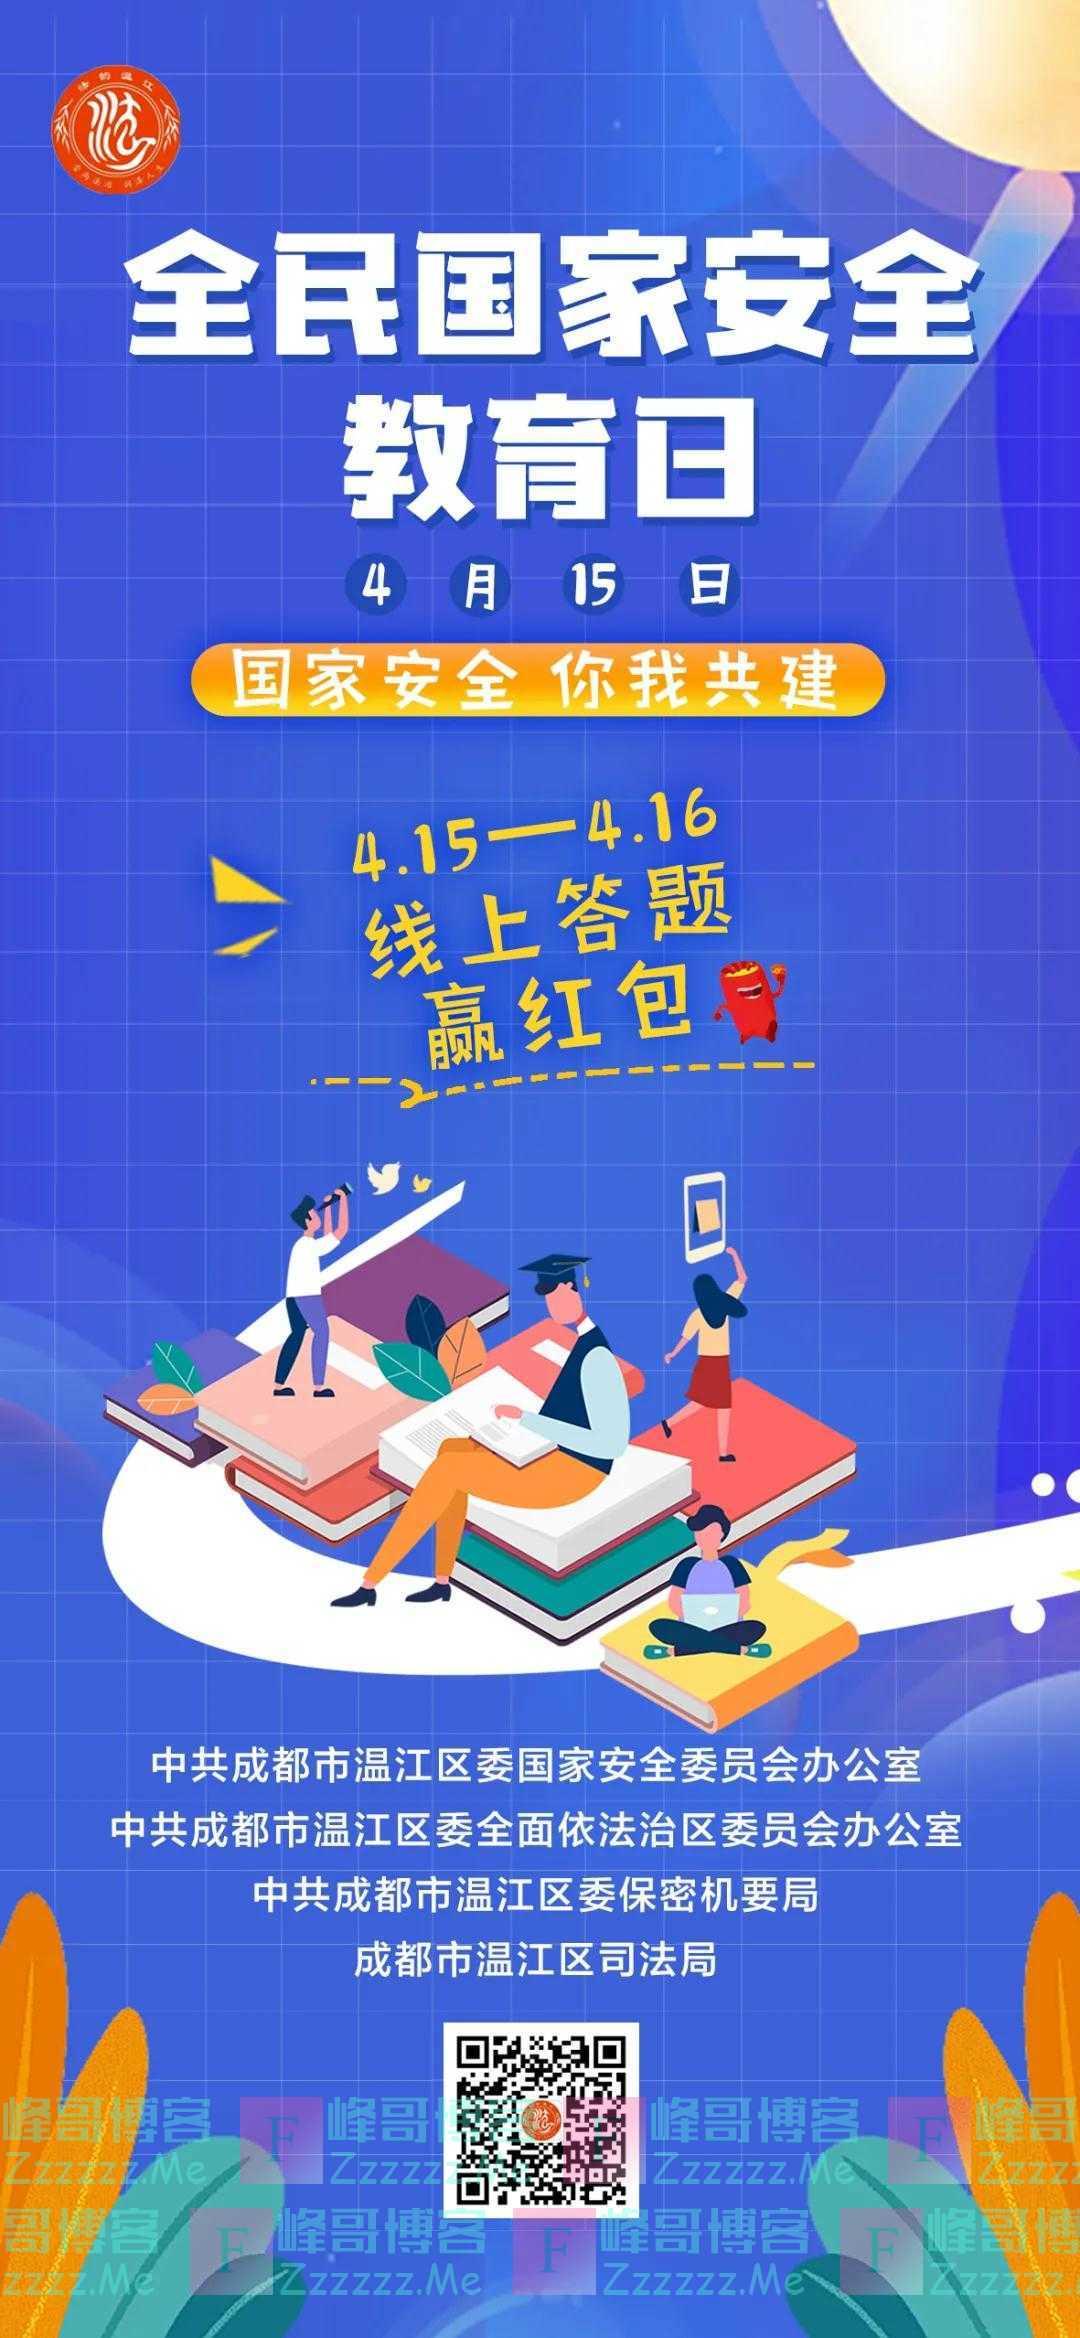 法韵温江国家安全知识竞赛(截止4月16日)